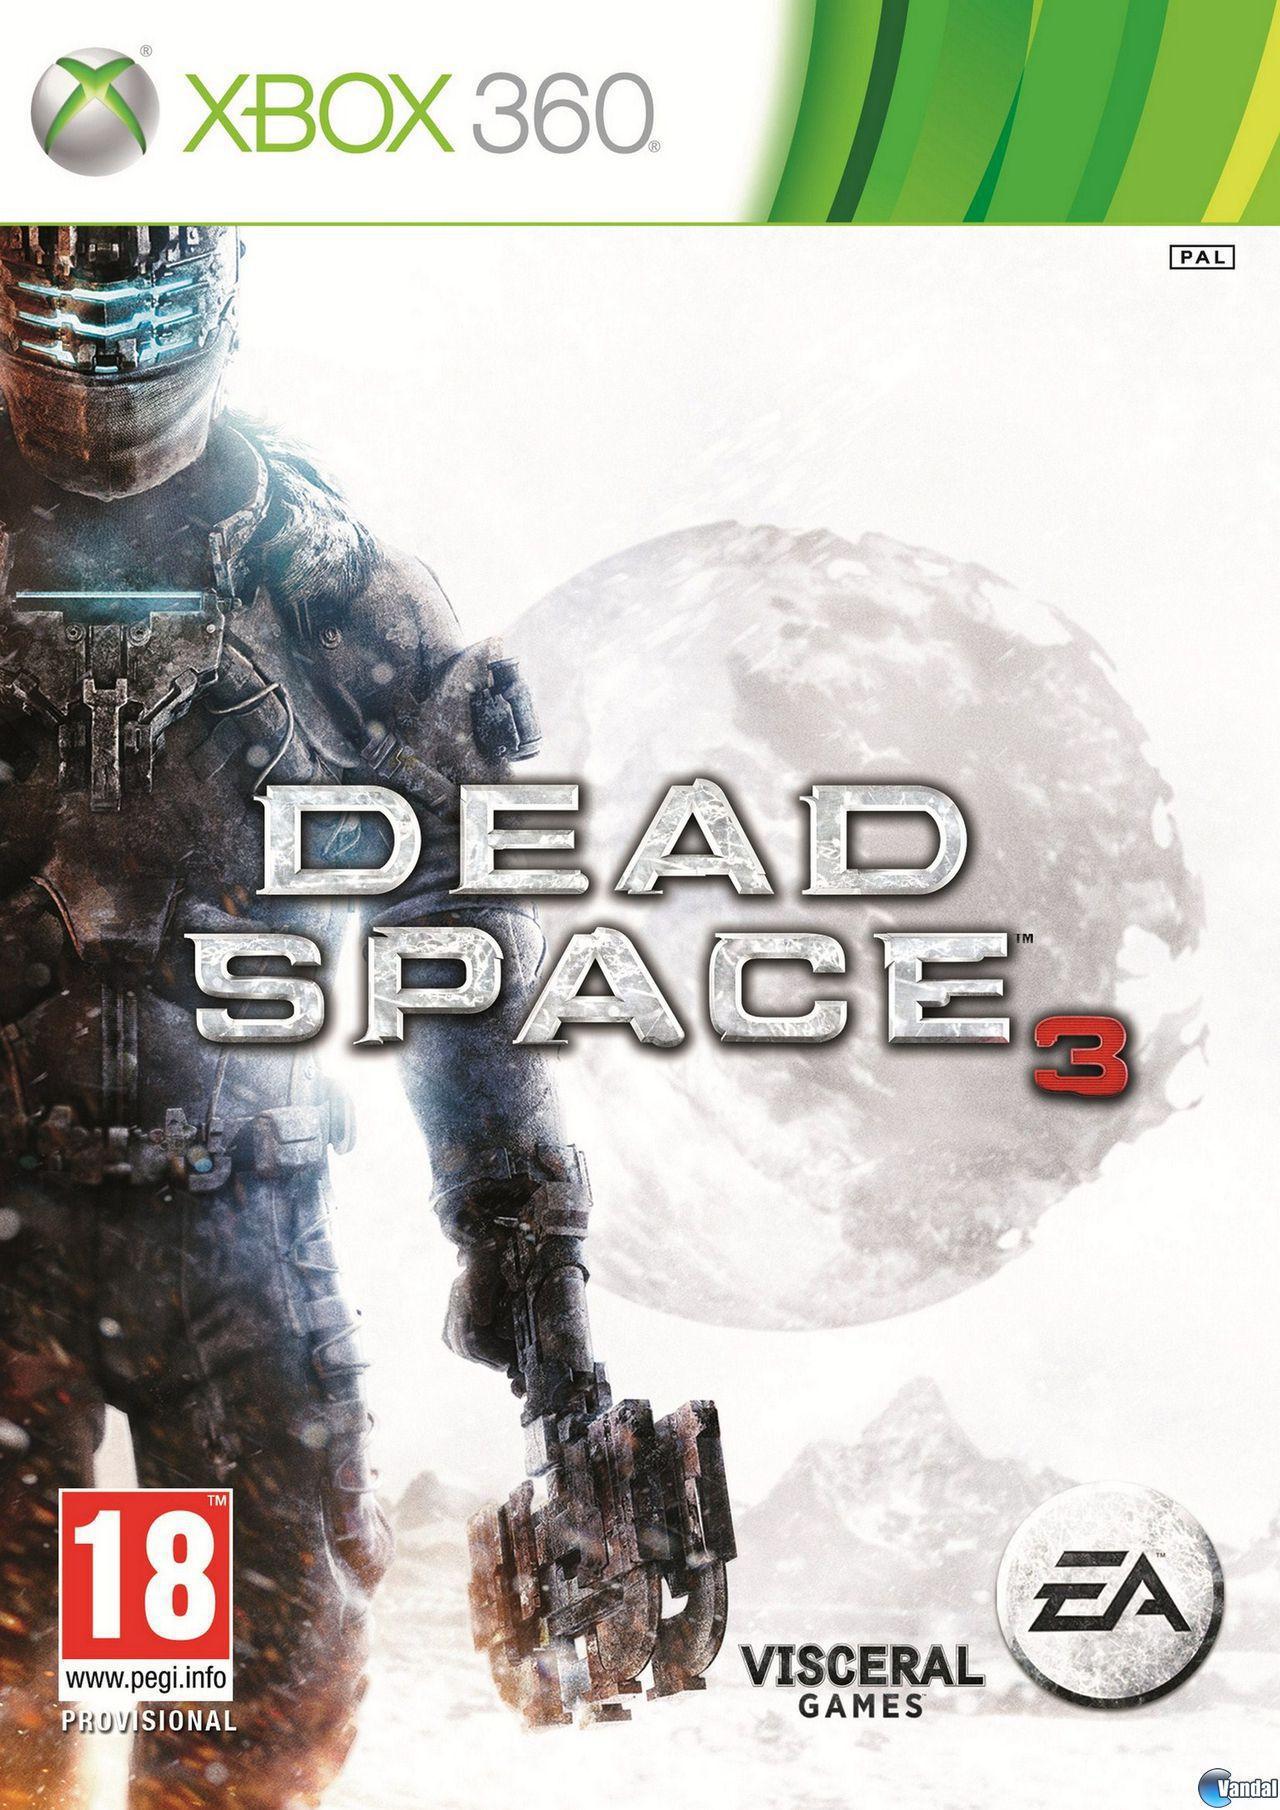 Trucos Dead Space 3 - Xbox 360 - Claves, Guías